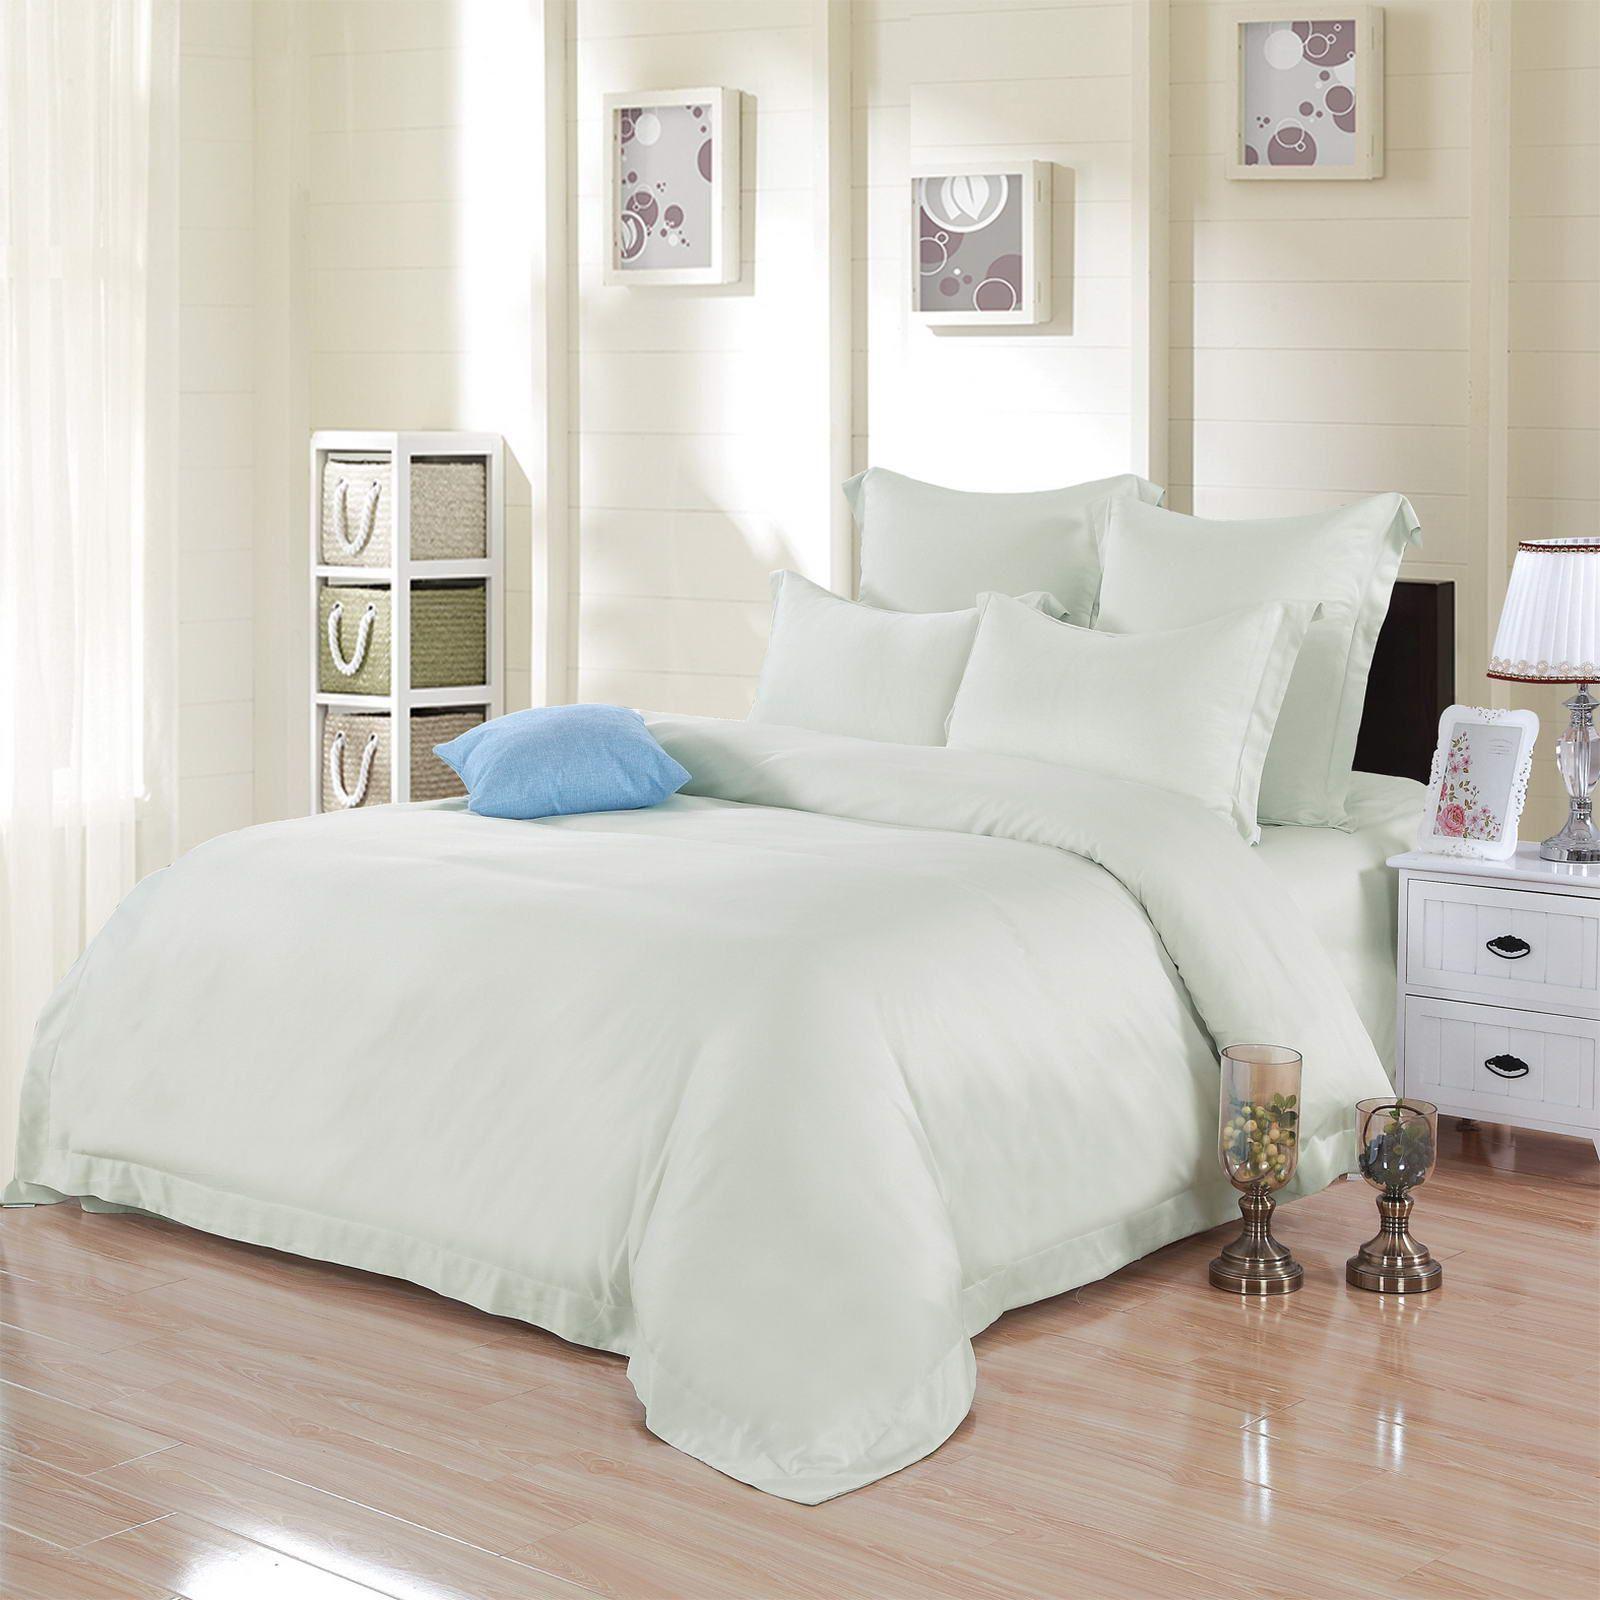 Комплект постельного белья Sofi De Marko Марьяна Двуспальный евро (ЕВРО-М1001)